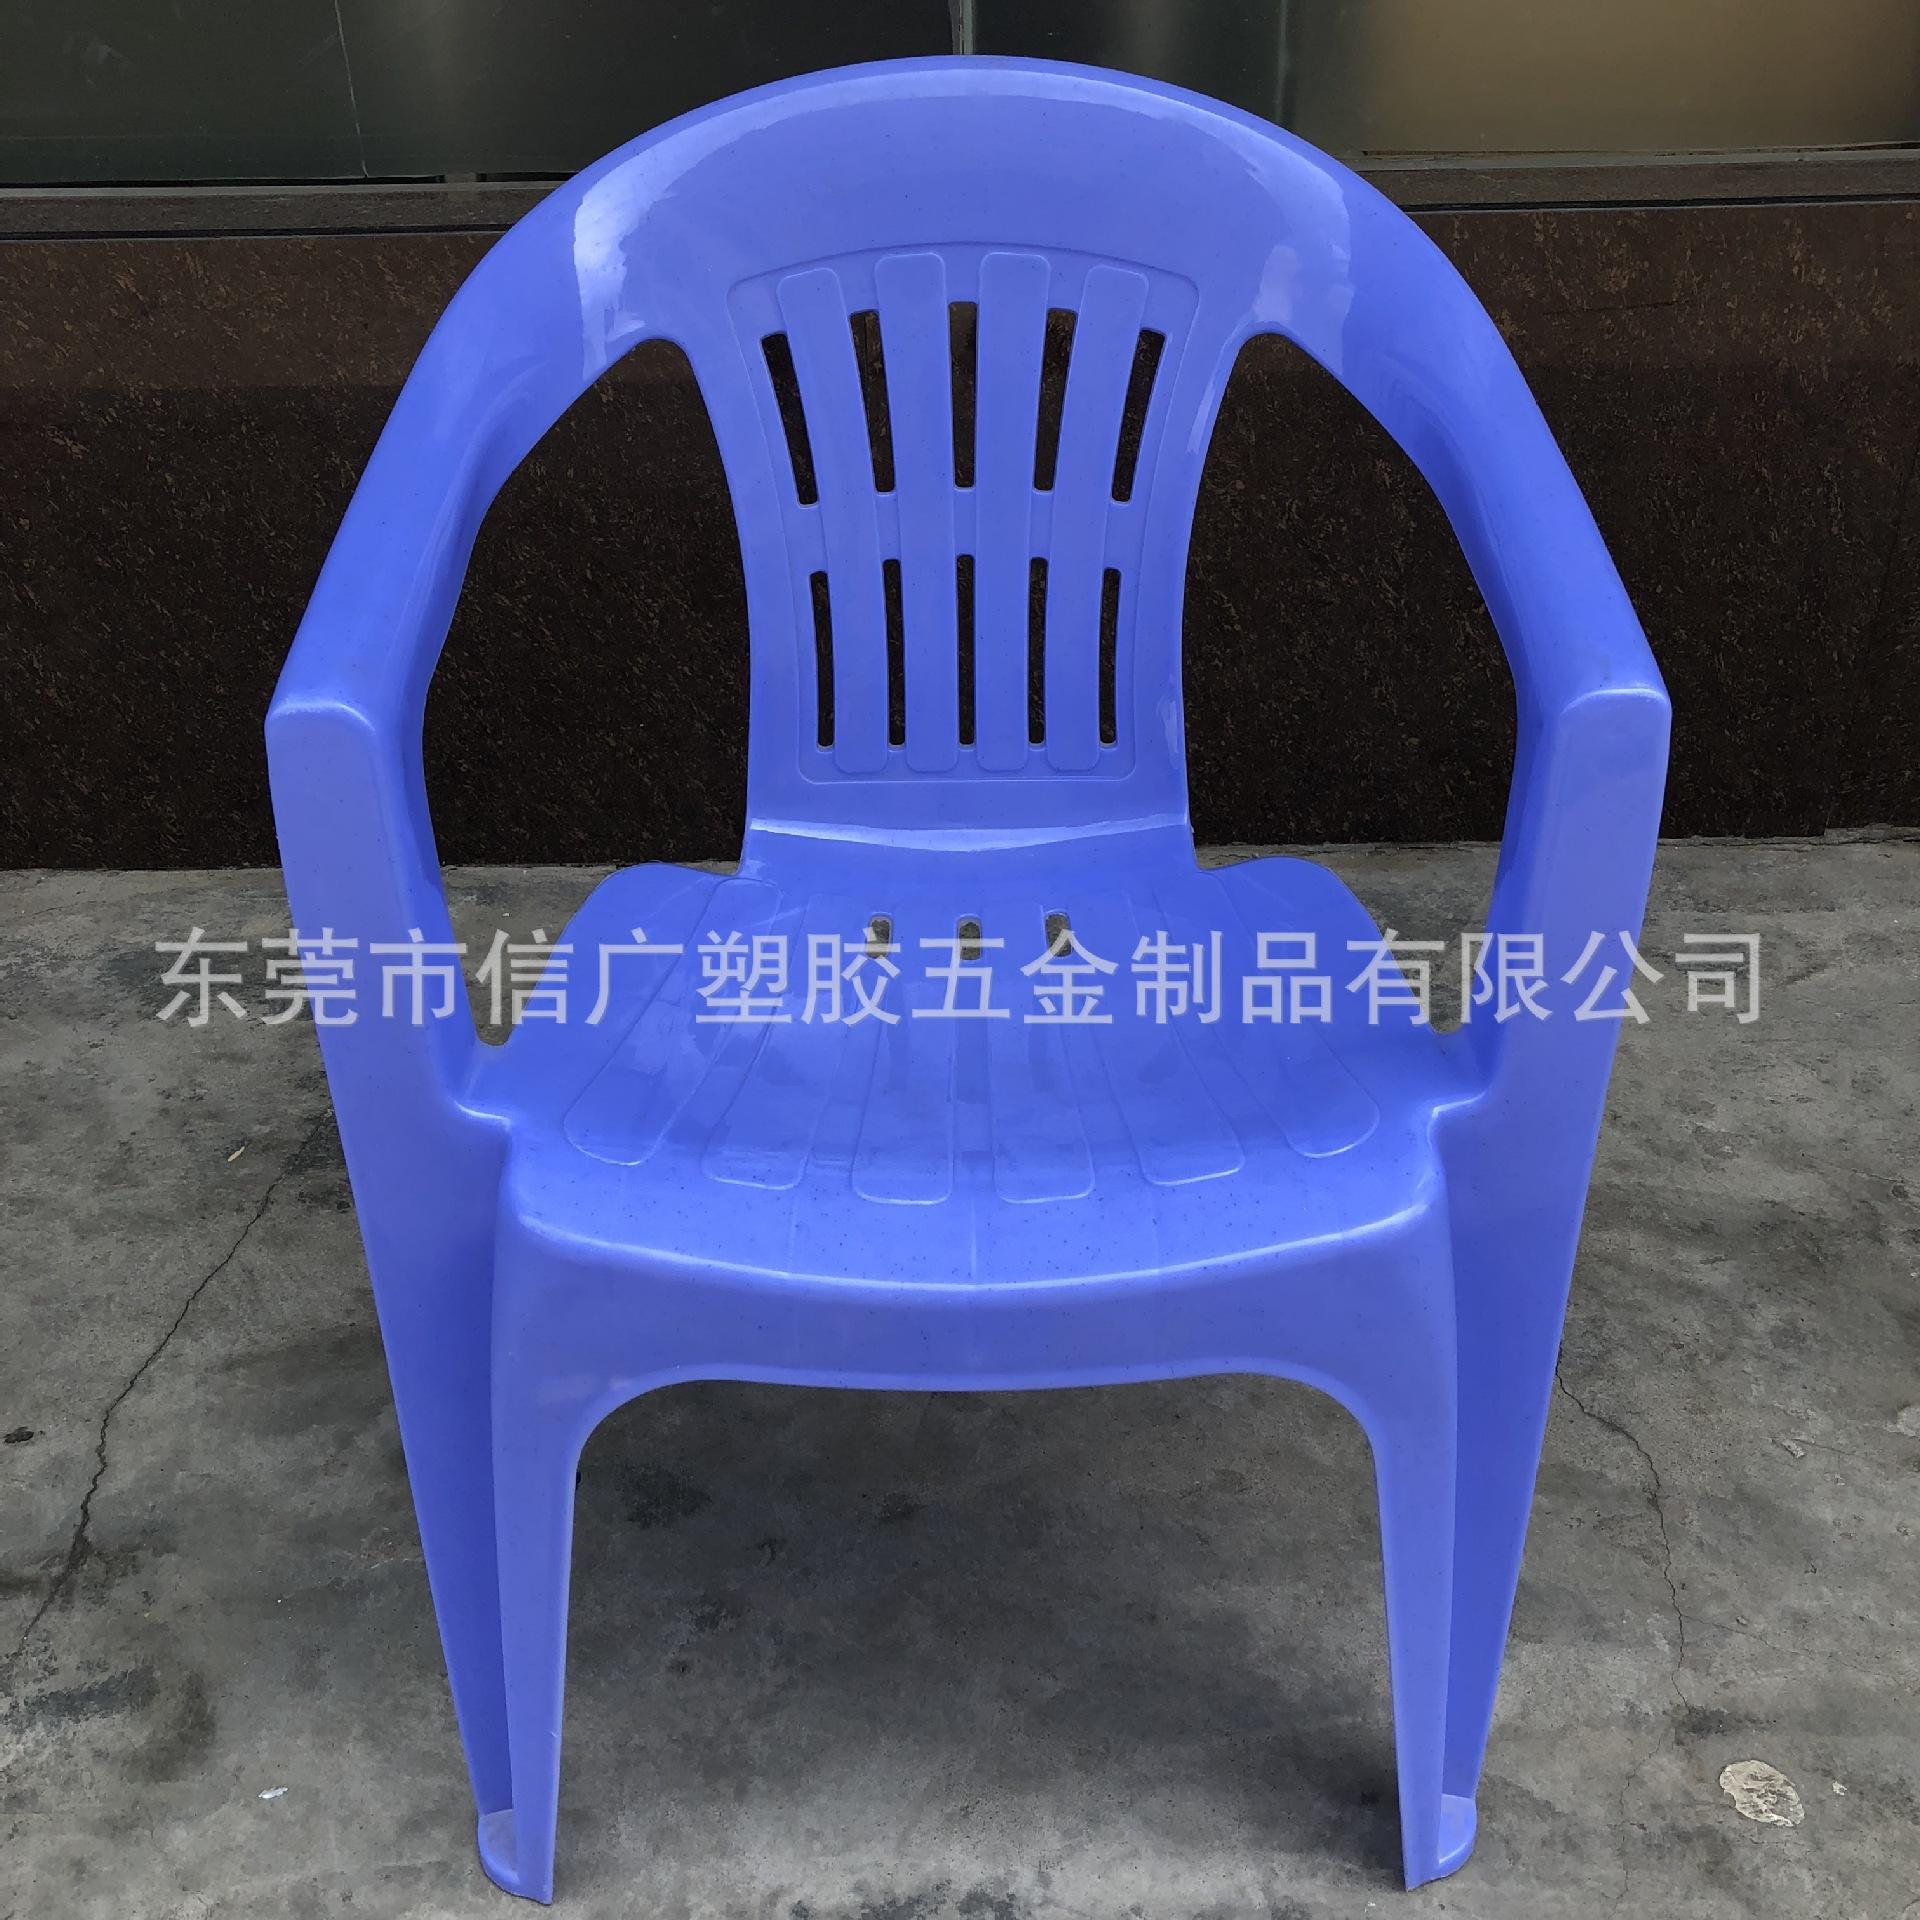 批发 扶手靠背椅 大排档配套餐椅 户外塑料沙滩椅 塑胶椅凳